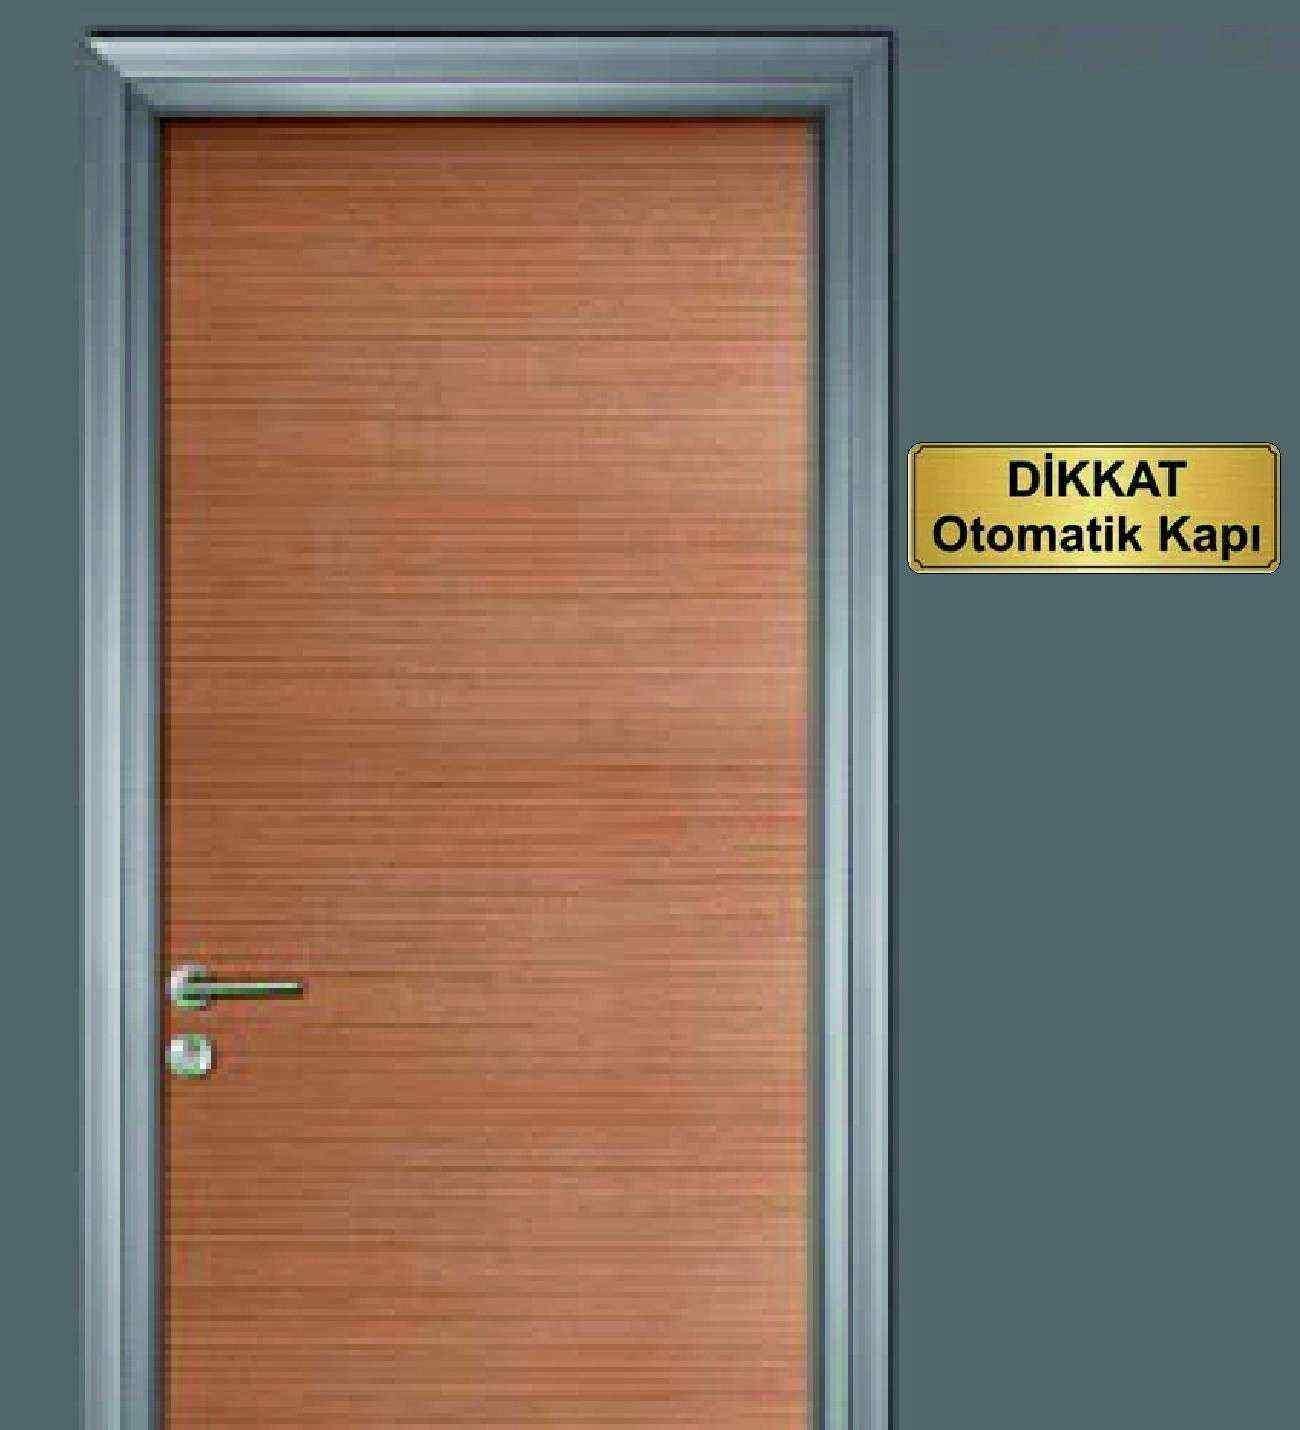 10x20 cm Dikkat Otomati Kapı Yazılı Metal Yönlendirme Levhası